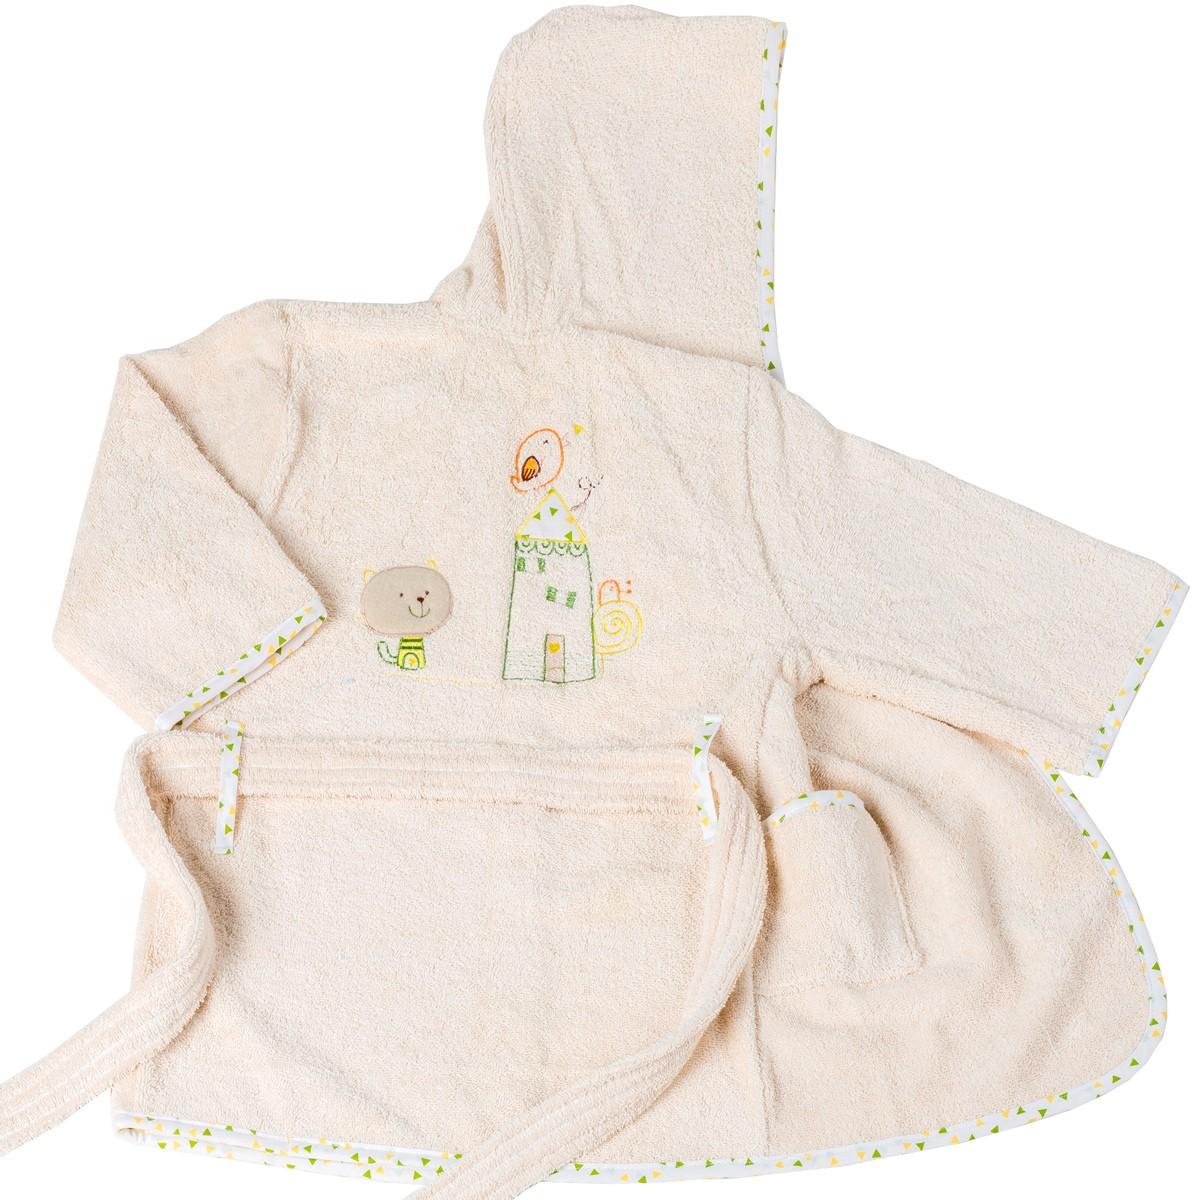 Βρεφικό Μπουρνούζι Κόσμος Του Μωρού Home 4100 Εκρού Νο4 Νο4